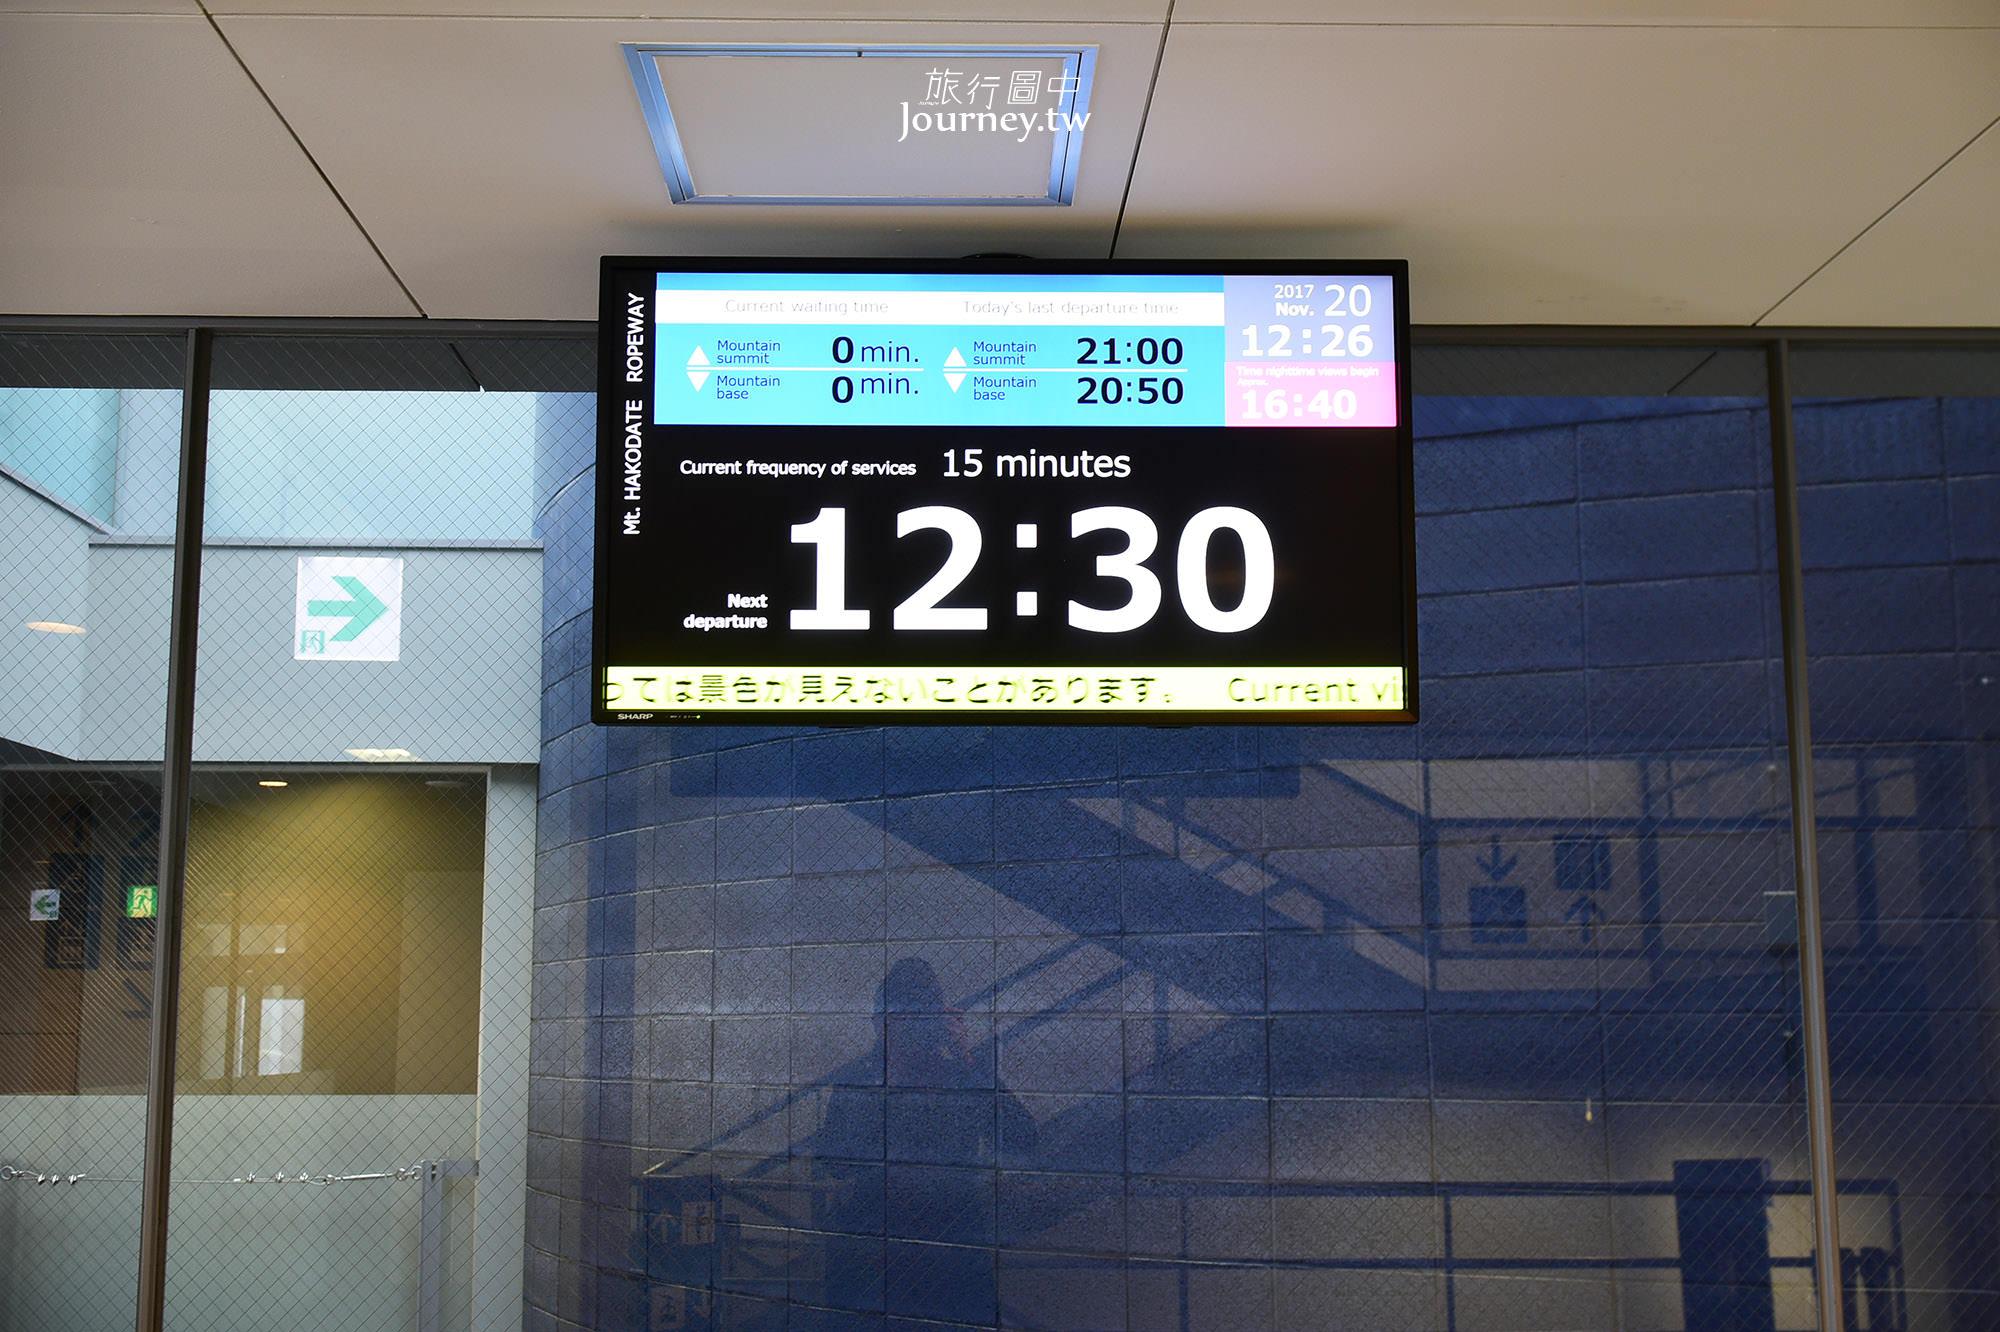 函館山,函館夜景,夜景攻略,交通方式,纜車資訊,夜景拍攝建議,日本三大夜景,函館山夜景,函館山纜車